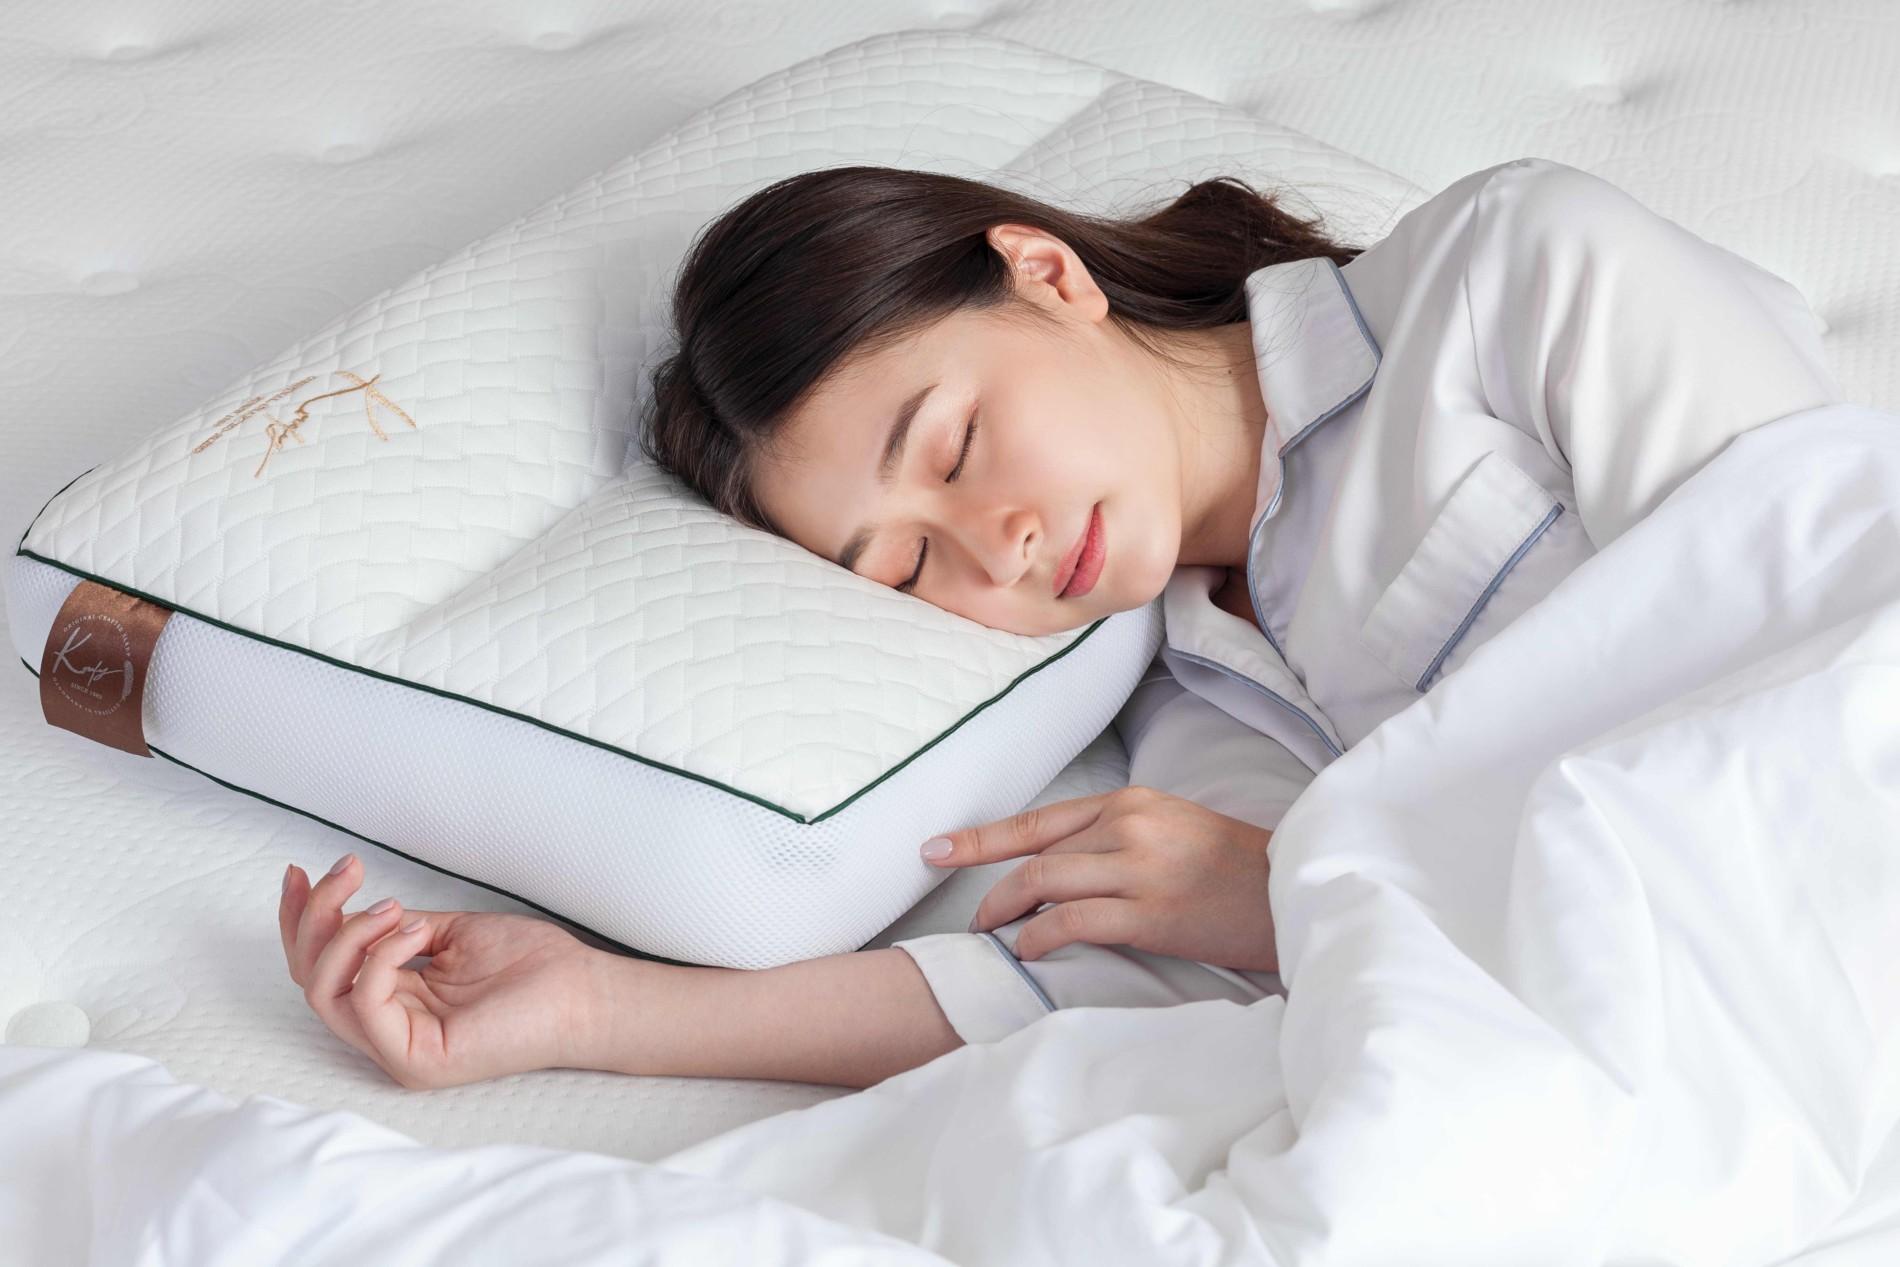 7 เทคนิคสร้างบรรยากาศห้องนอนให้หลับดีพร้อมหมอนที่หลับสบายที่สุด